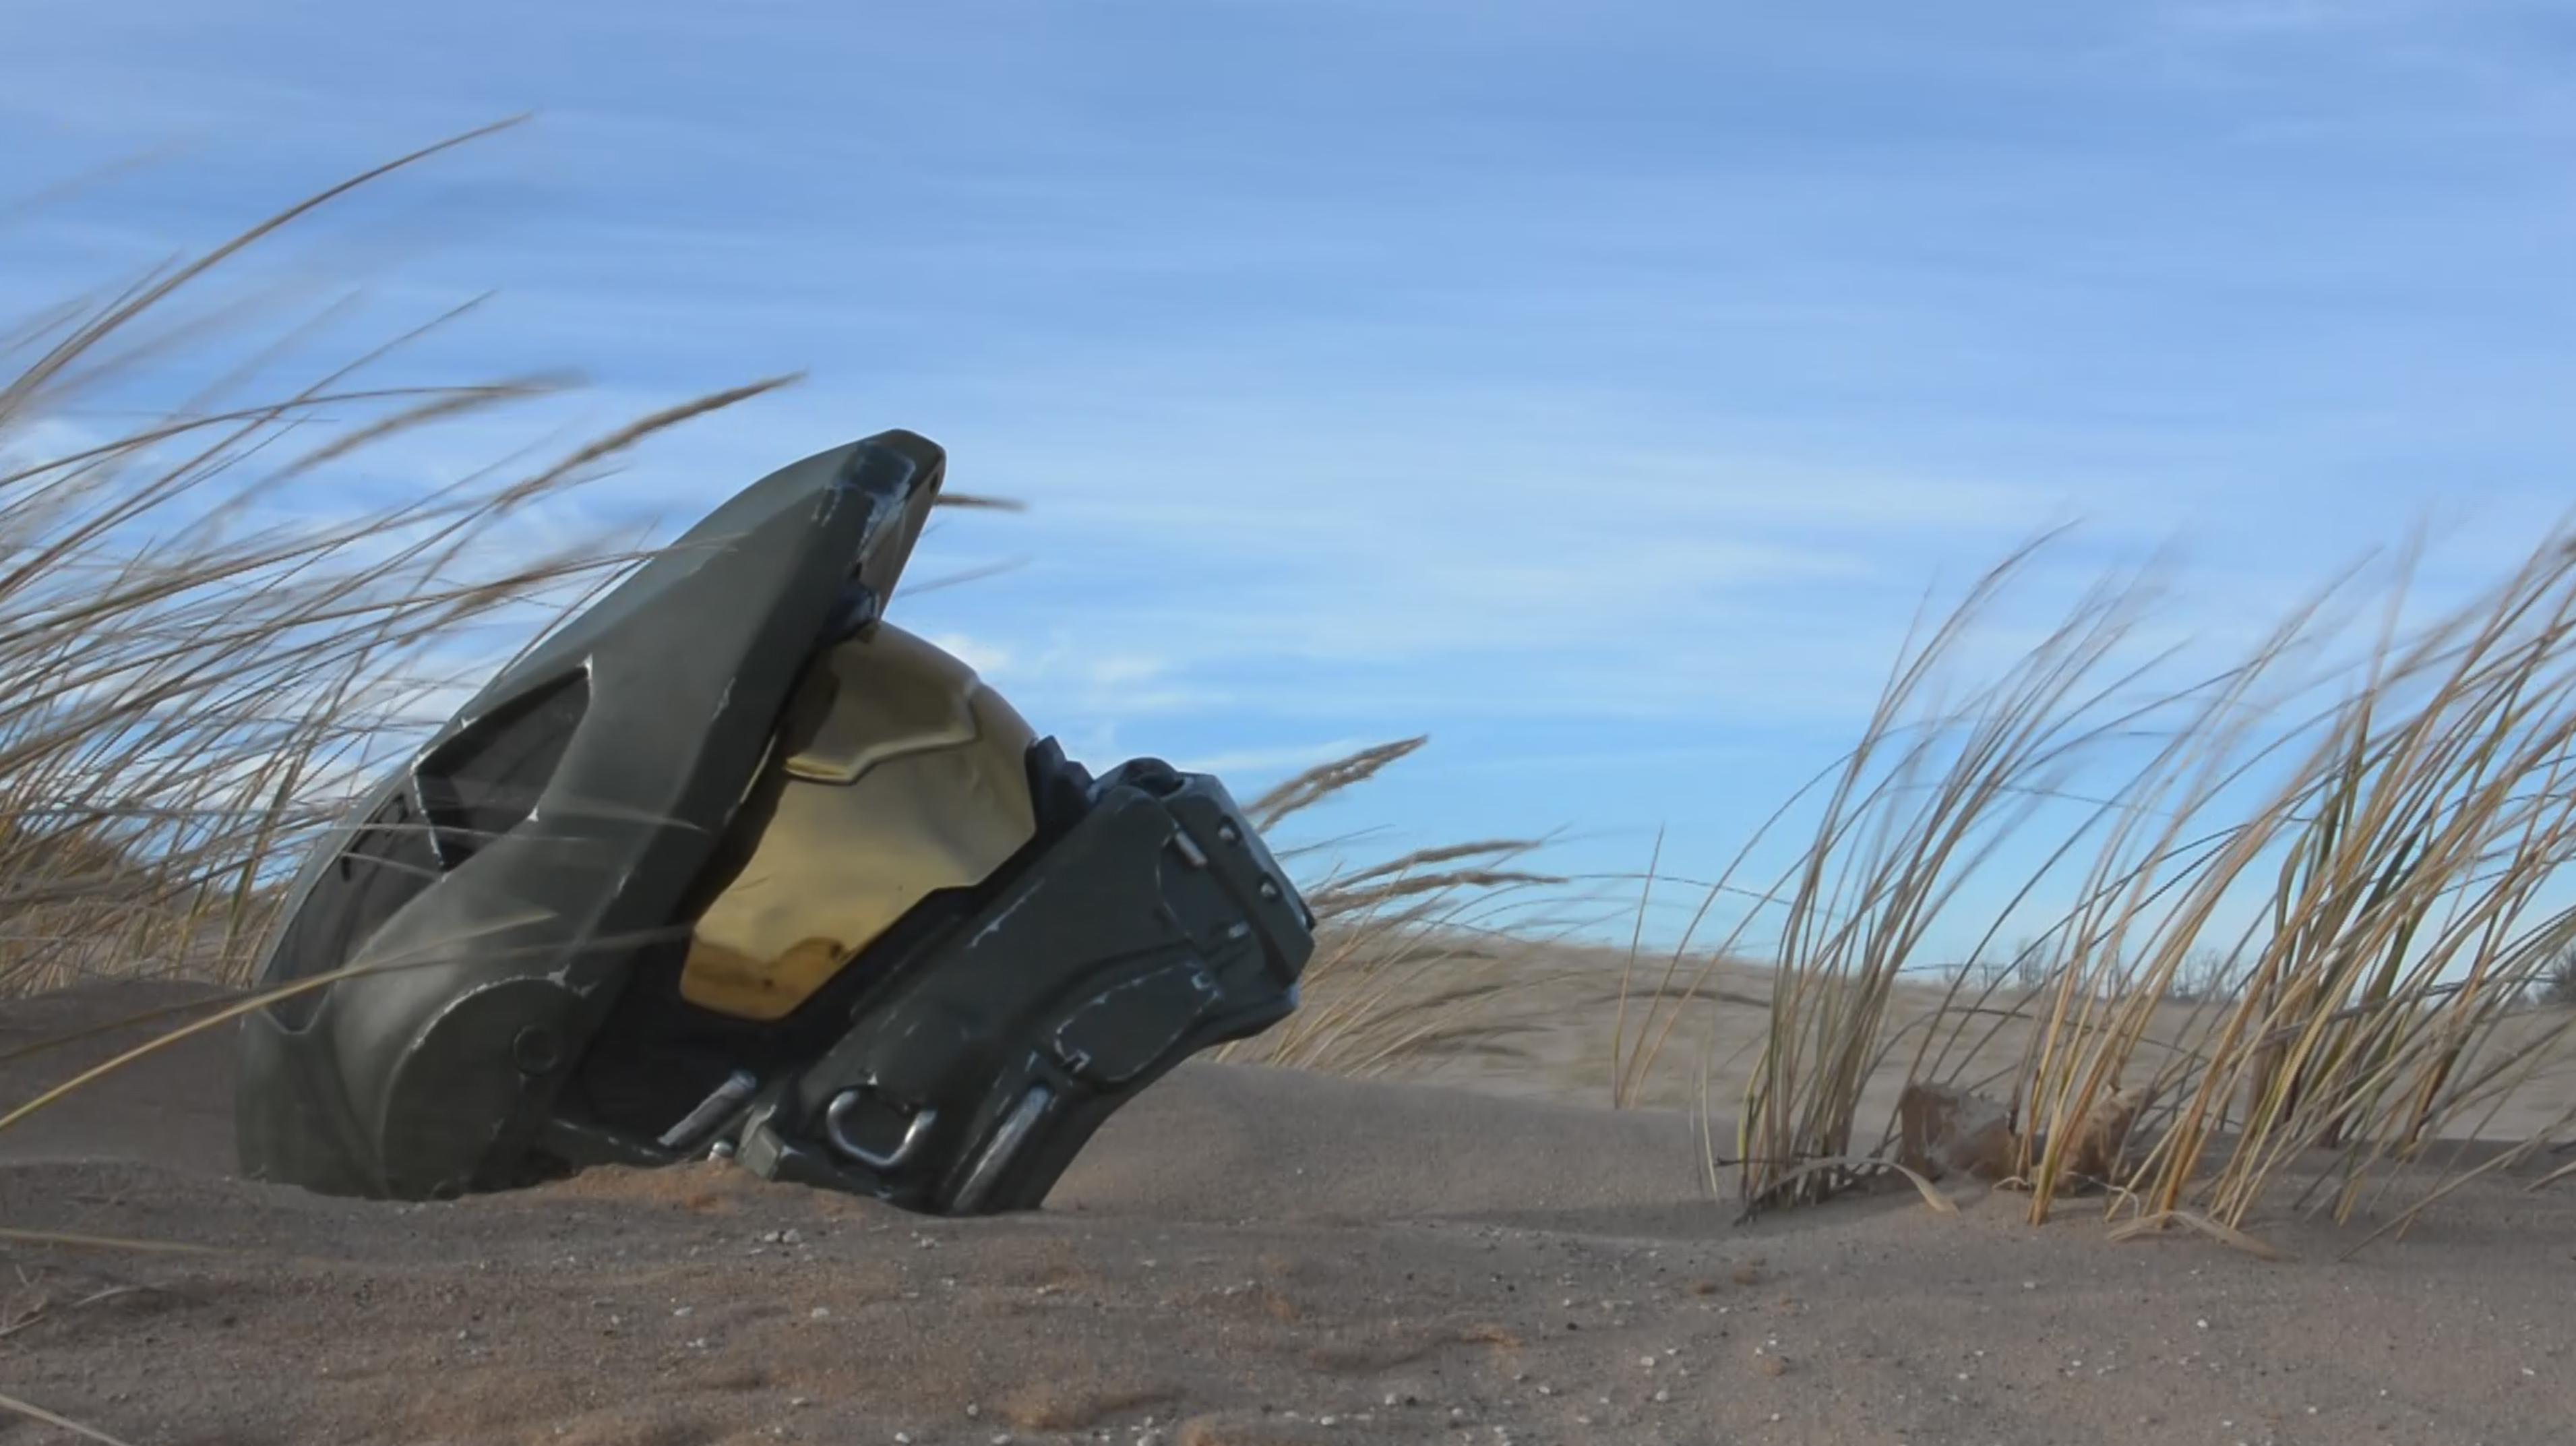 Chief Helmet In The Sand.jpg